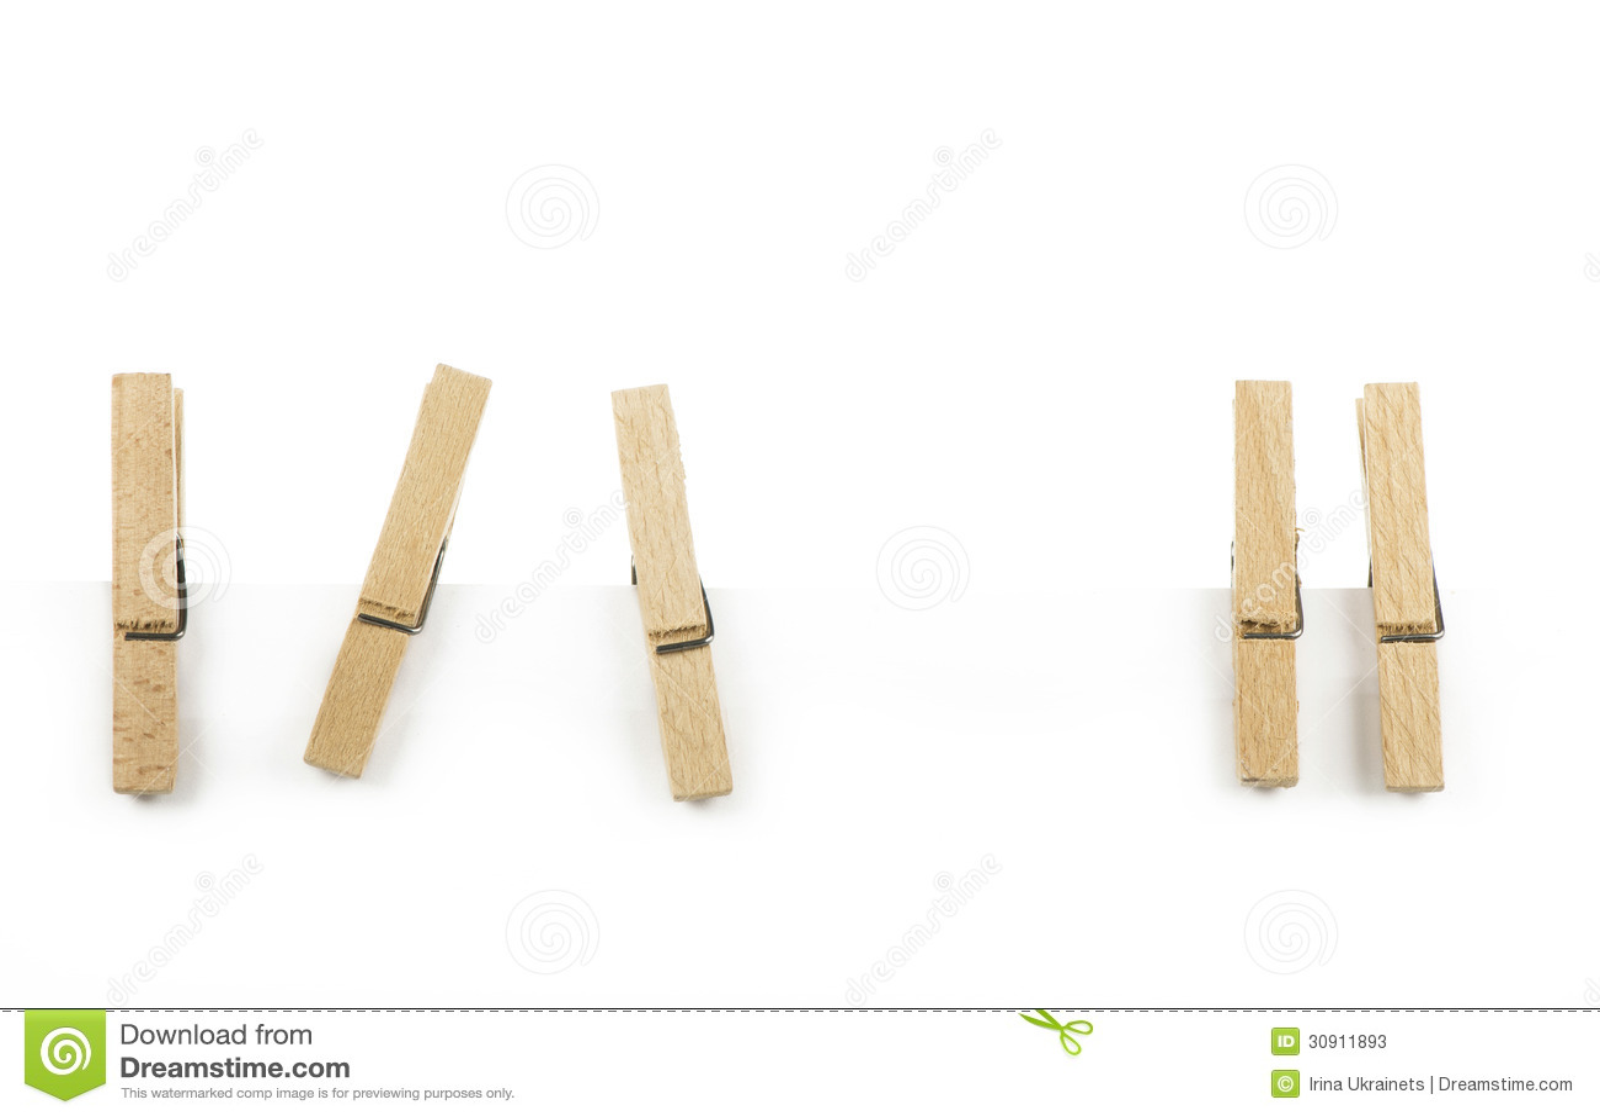 Pinza de madera fotos de archivo imagen 30911893 - Fotos en madera ...